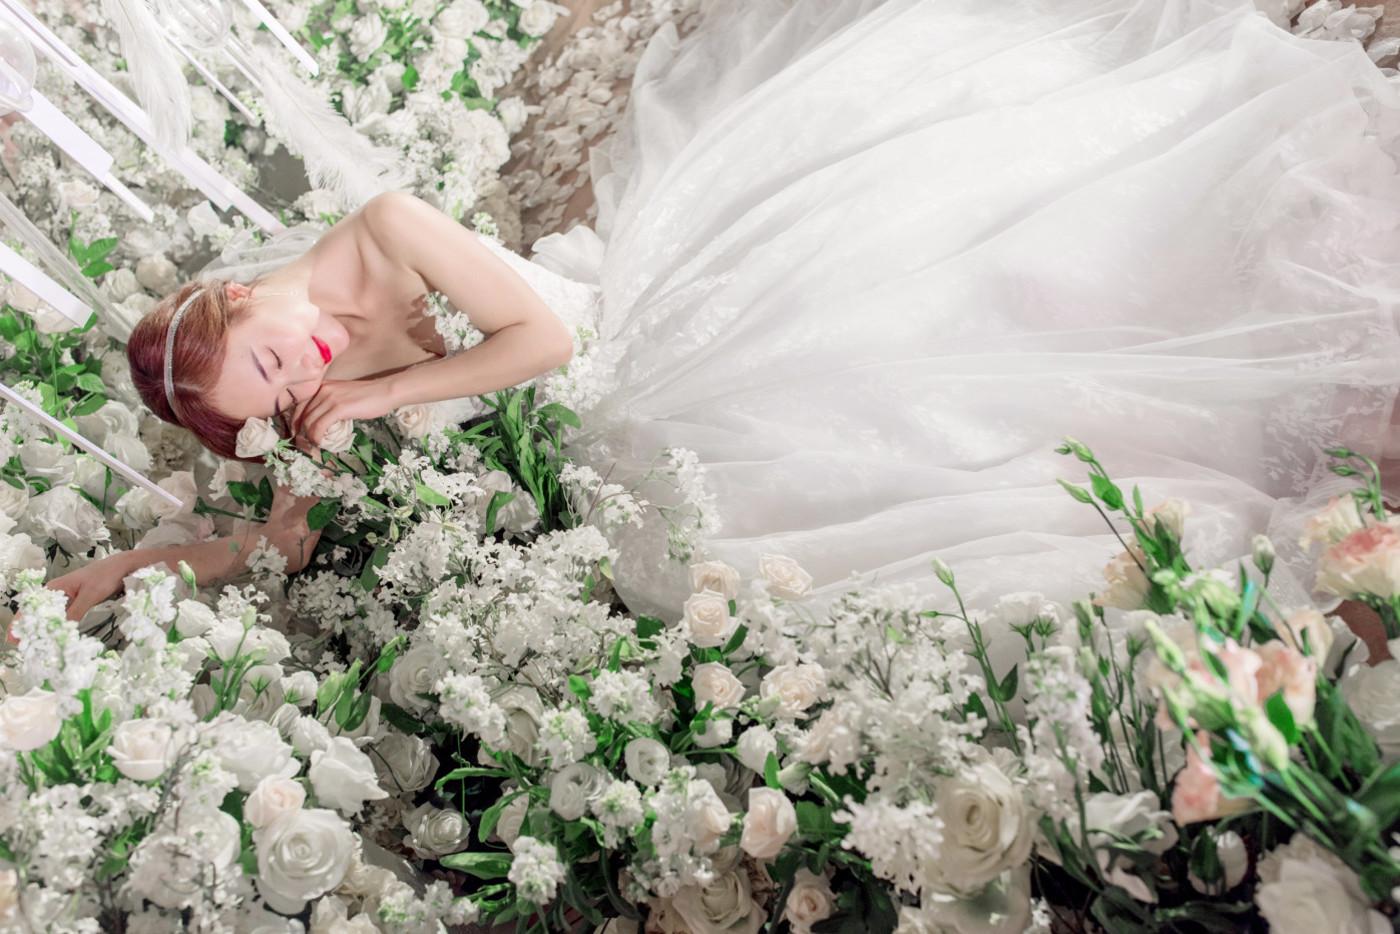 大美女的婚礼47